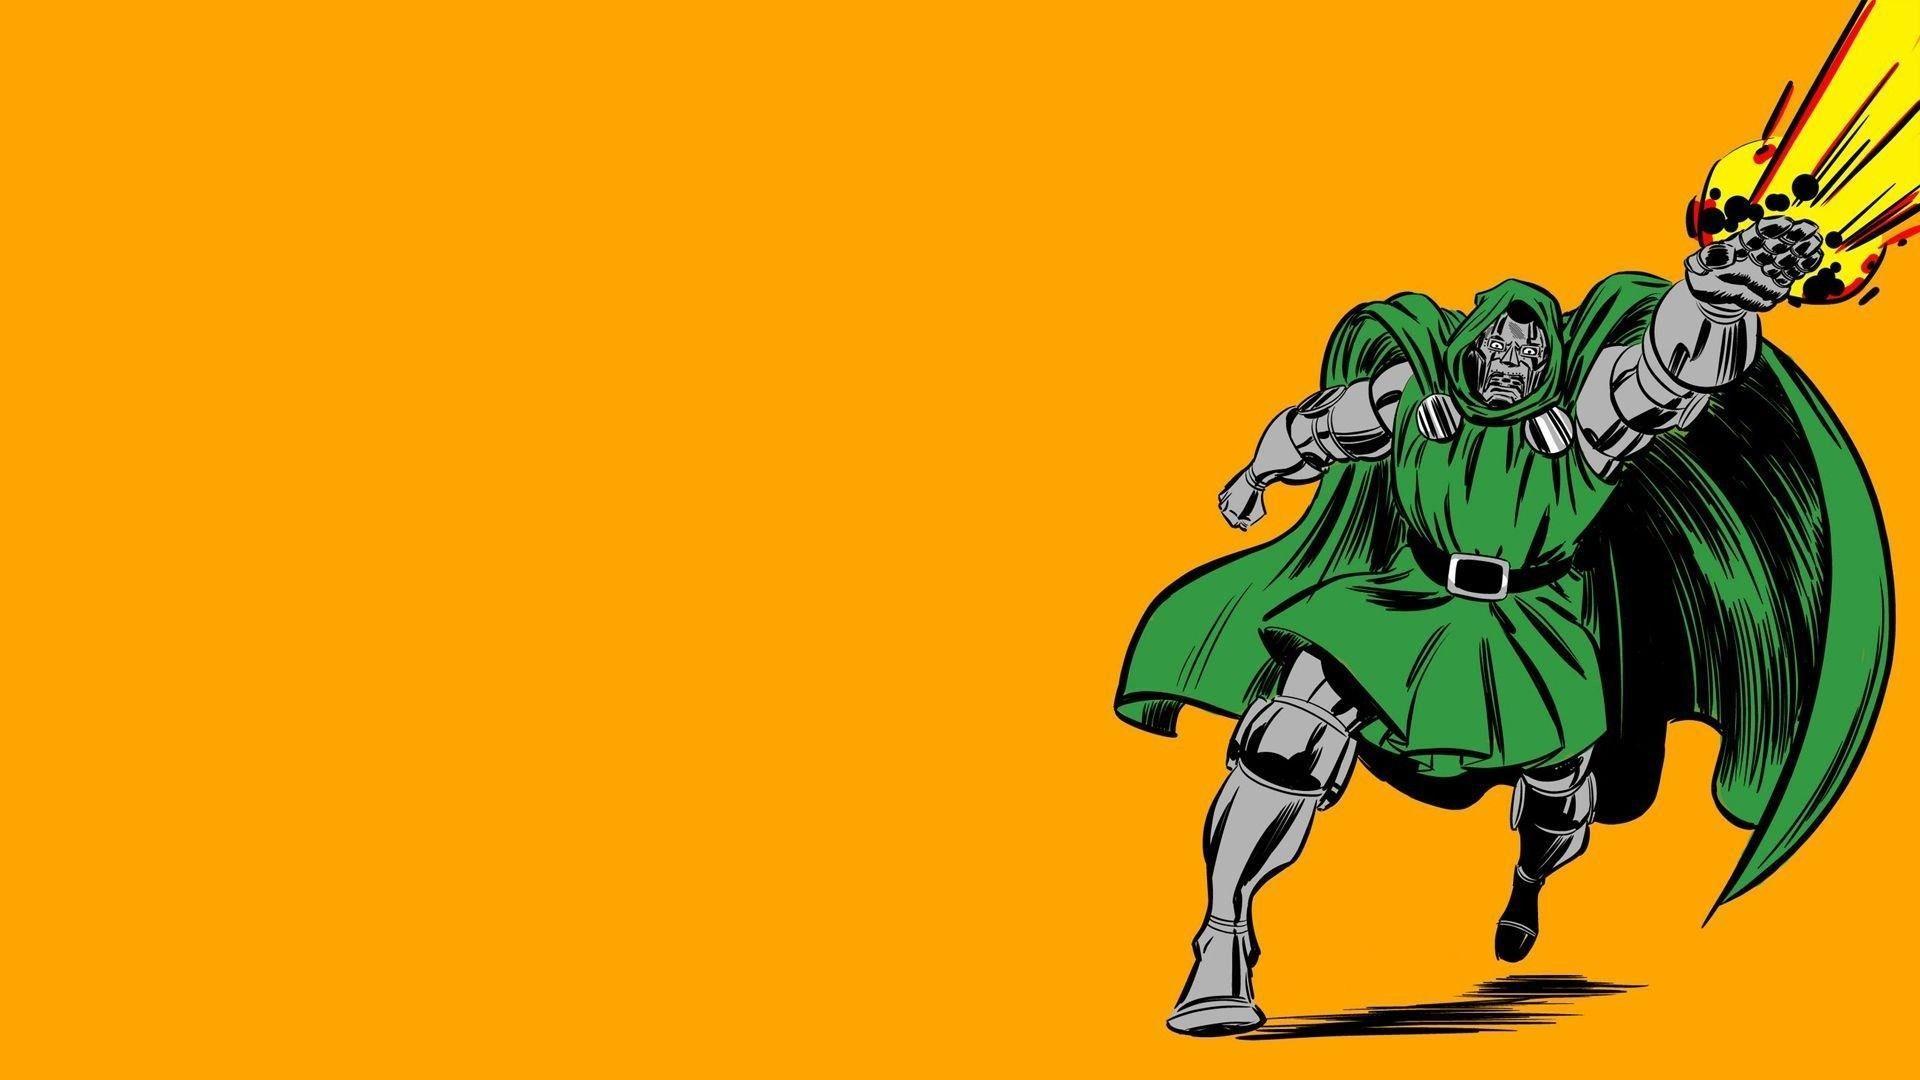 MF Doom Wallpapers - Top Free MF Doom Backgrounds - WallpaperAccess